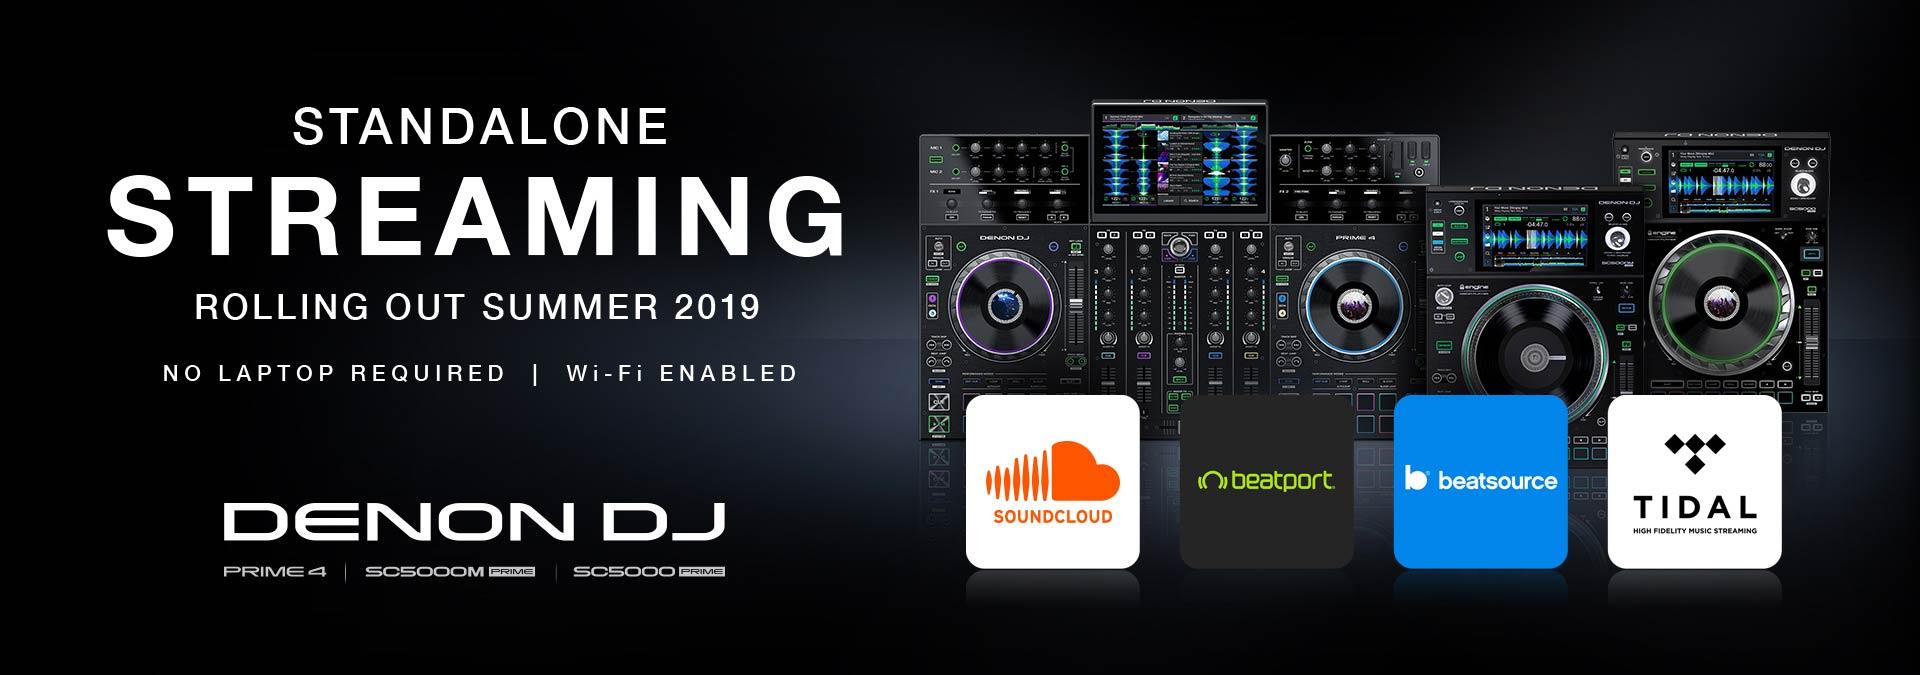 Ook Denon presenteert de mogelijkheid tot DJ streaming op hun Prime series!